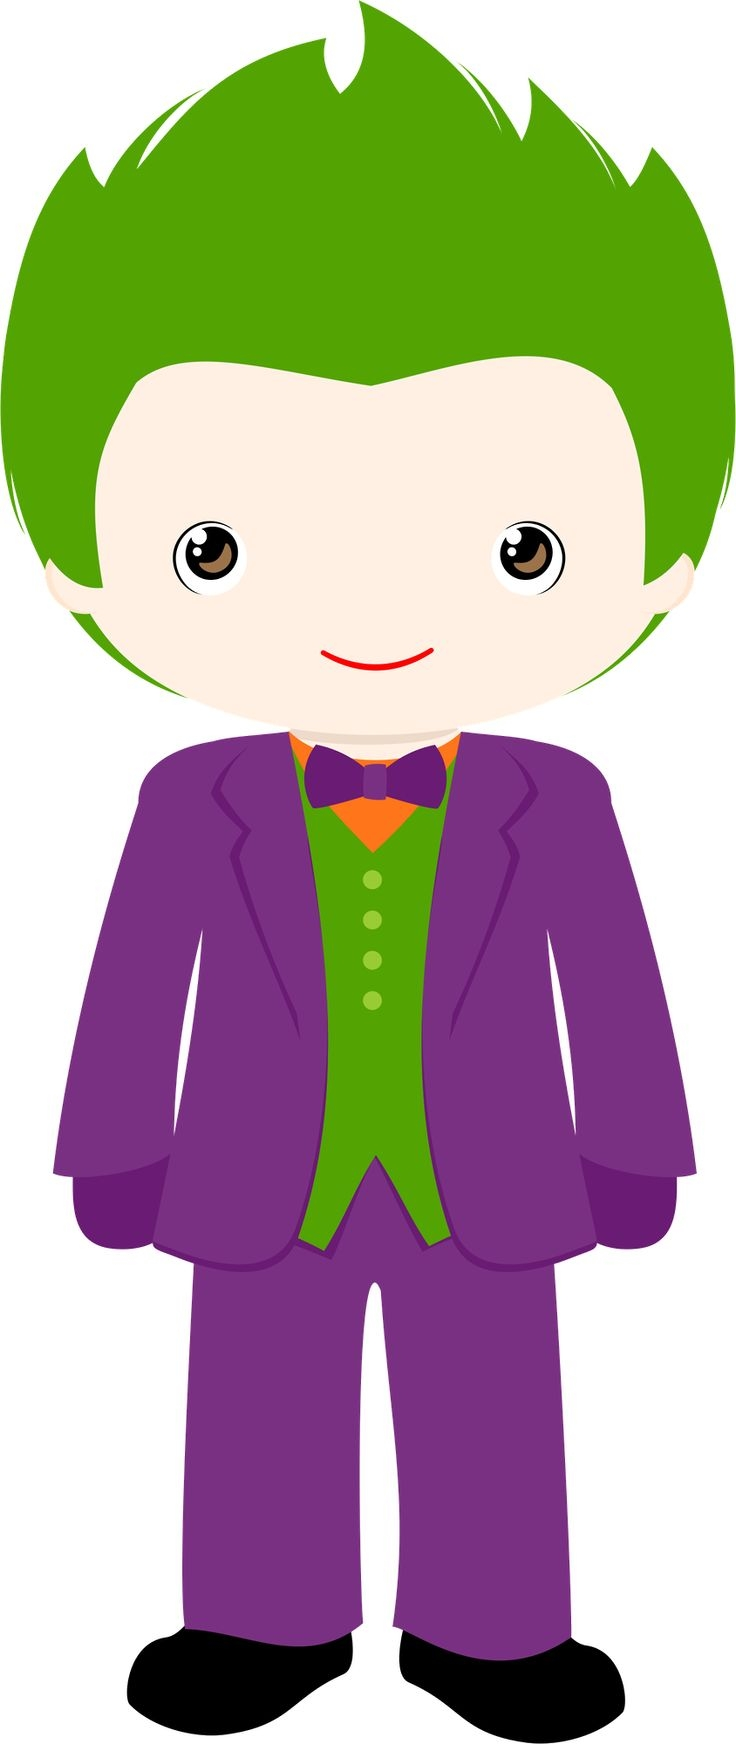 Joker clip art clip art transparent Clipart joker - ClipartFest clip art transparent